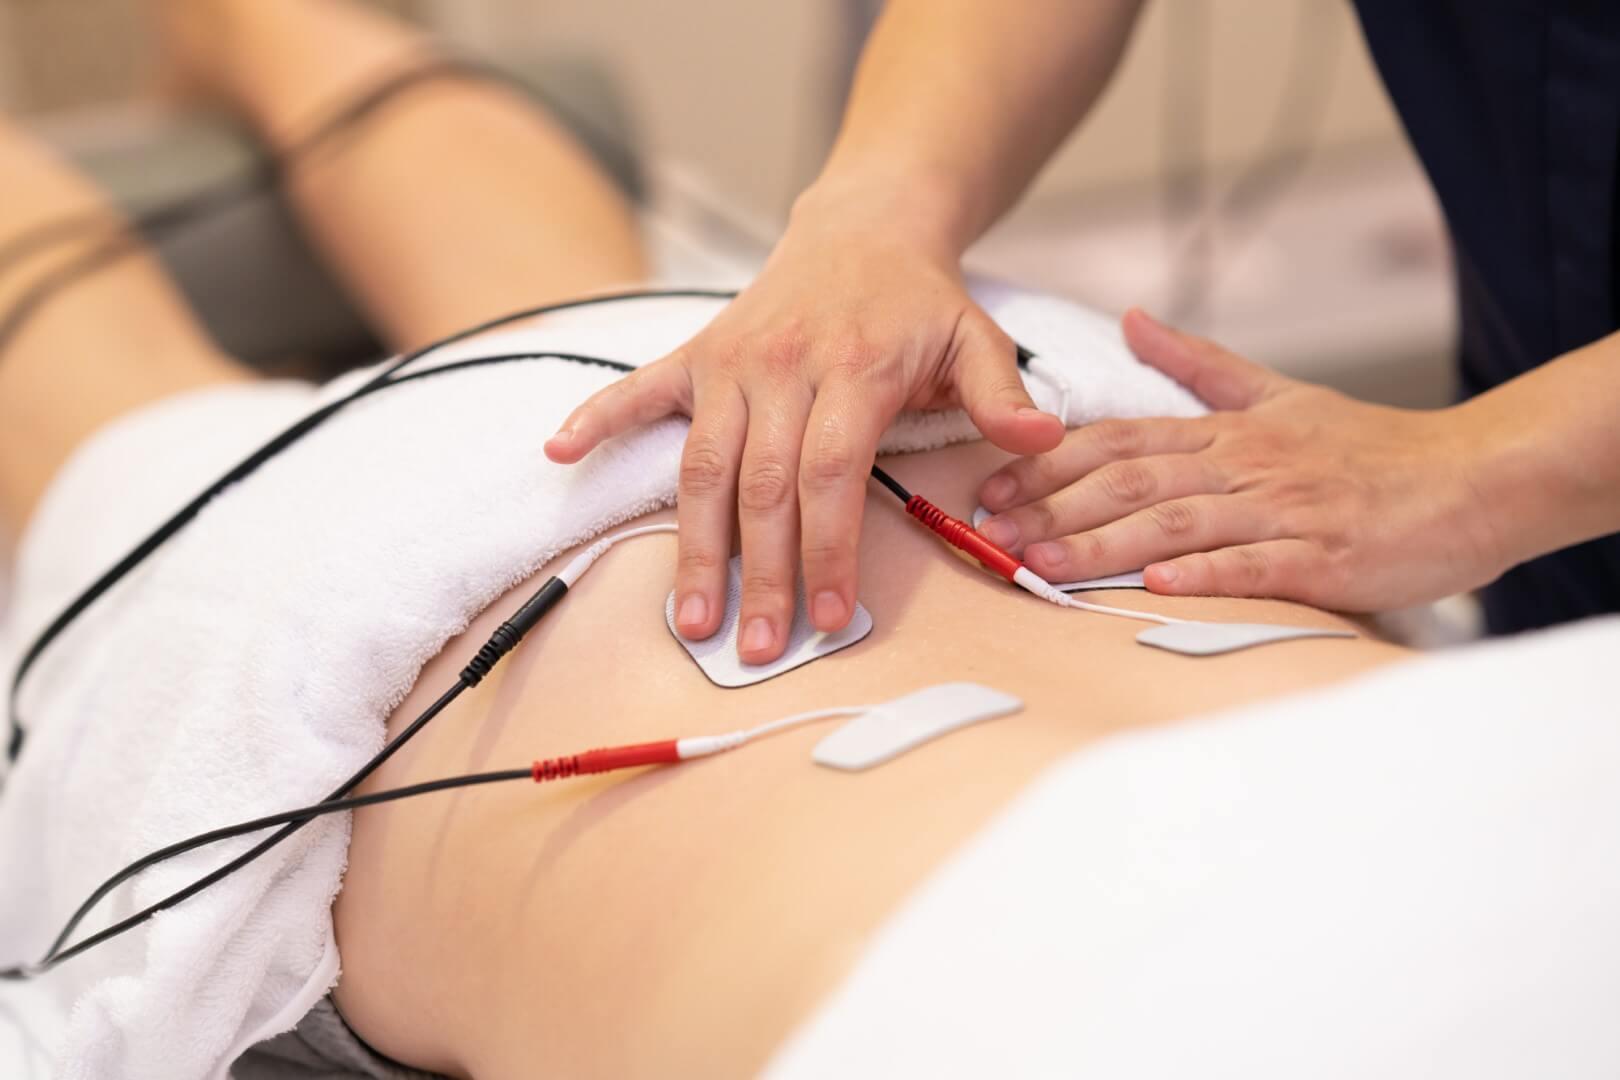 Zaposleni u Godea Medico vrše Elektroterapiju nad pacijentom.